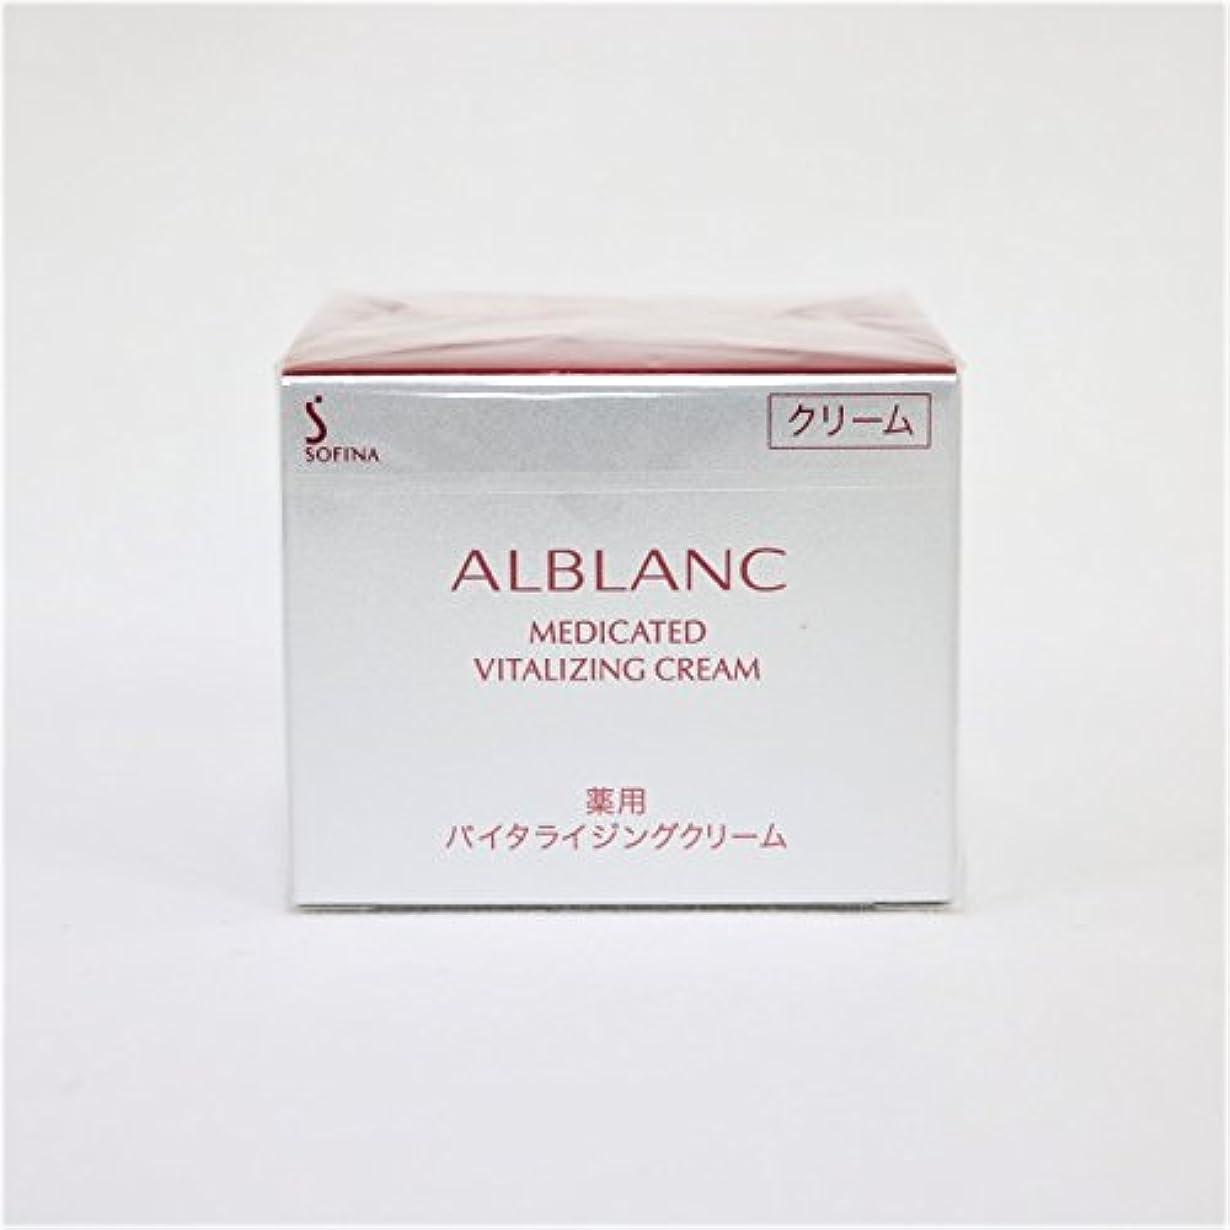 養うドナウ川に付けるソフィーナ アルブラン 薬用バイタライジングクリーム 40g